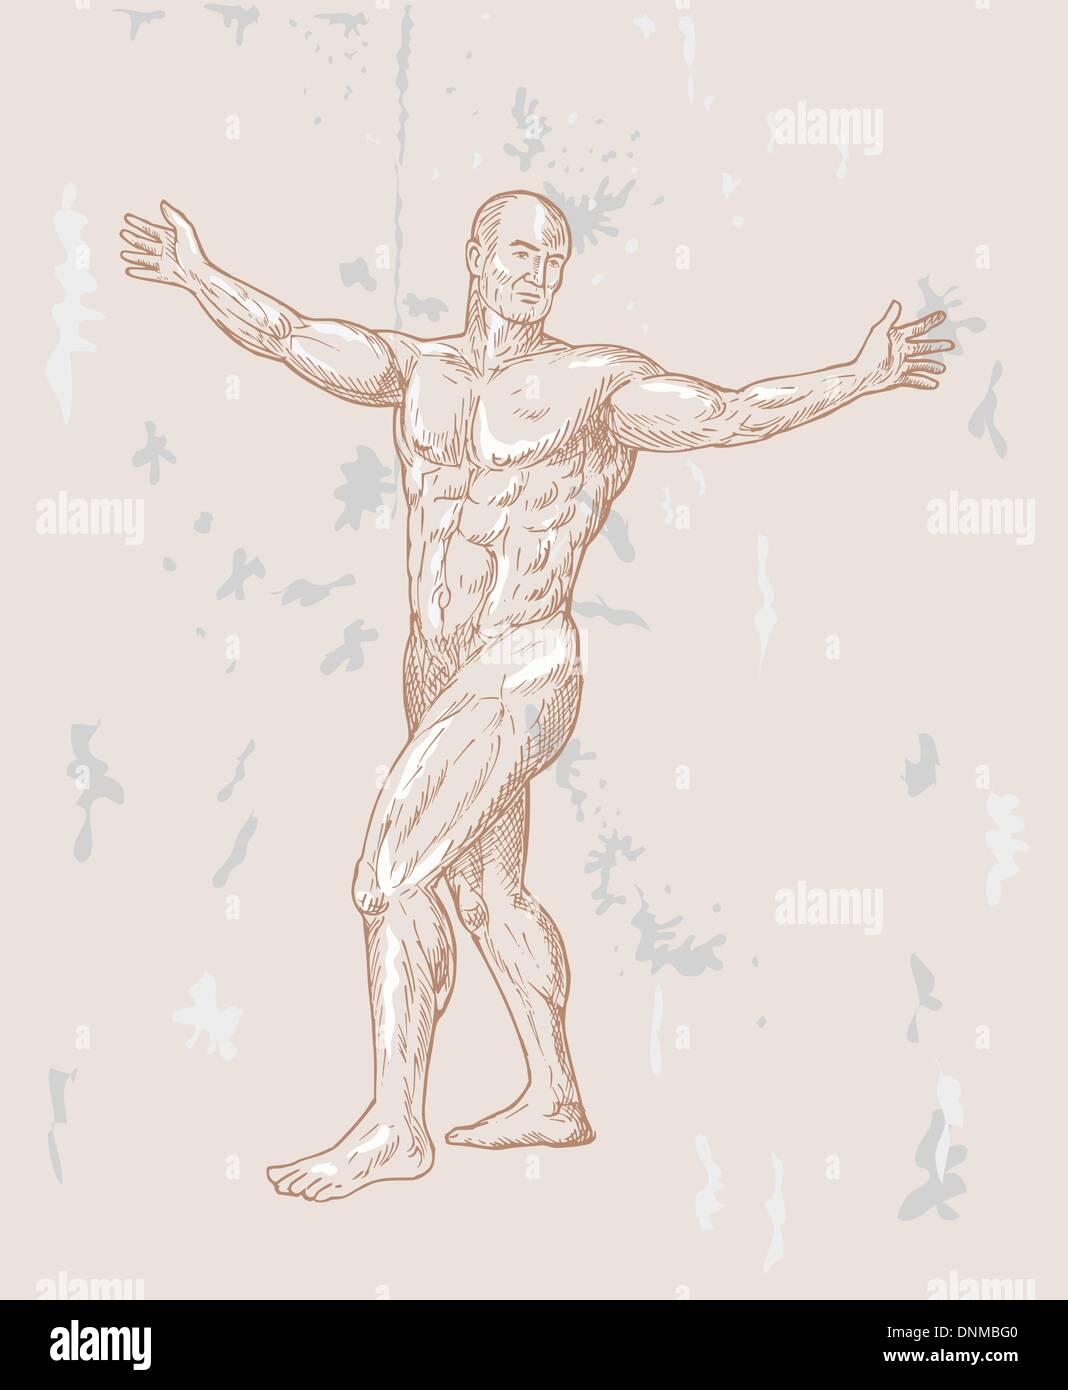 die Hand skizzierte Darstellung der männlichen menschlichen Anatomie ...